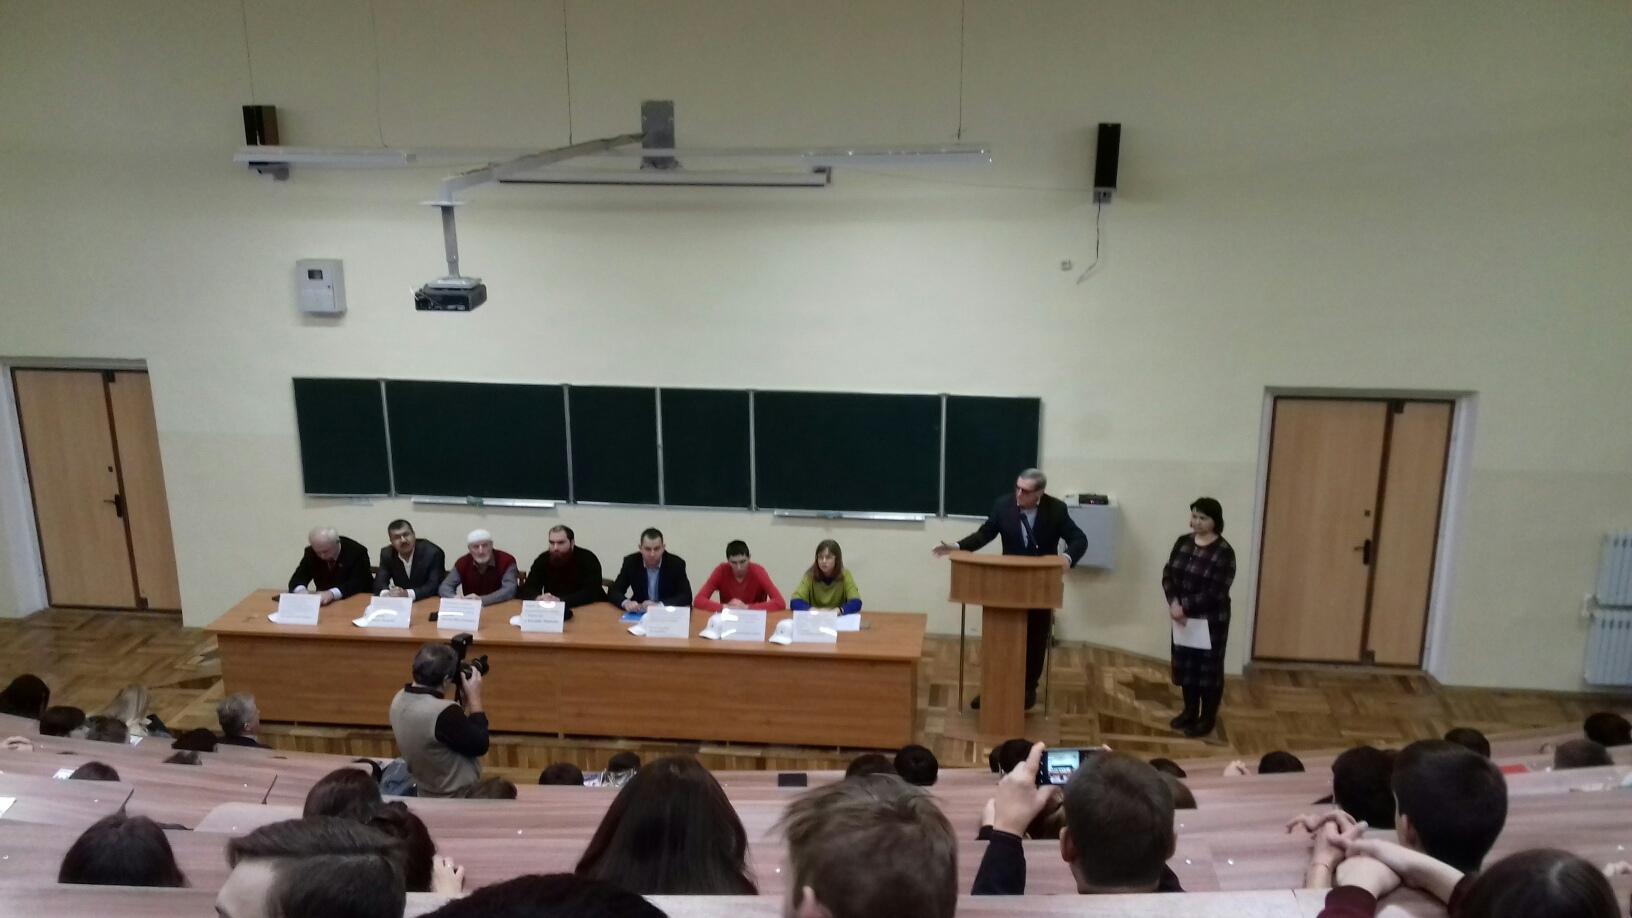 Заседании межвузовского дискуссионного клуба «Межэтническая толерантность – путь к миру и согласию»